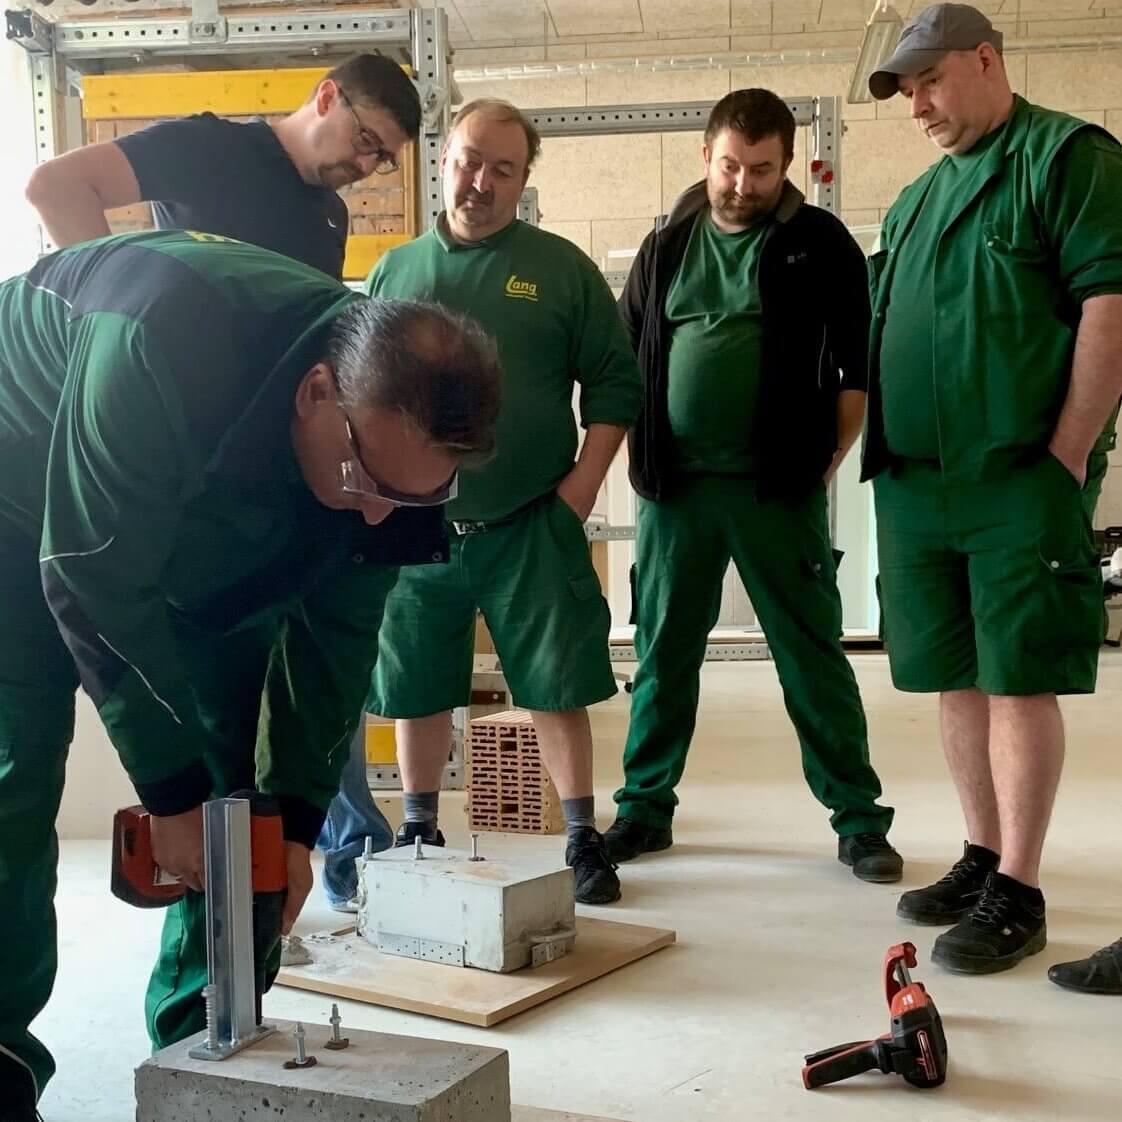 Hilti Schulung für Montage und Dübelkunde